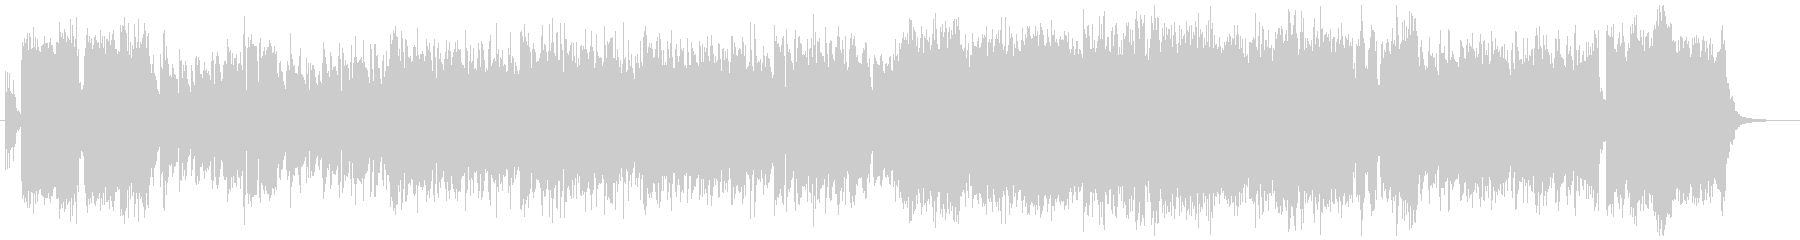 戦隊モノOPイメージ アップテンポロックの未再生の波形